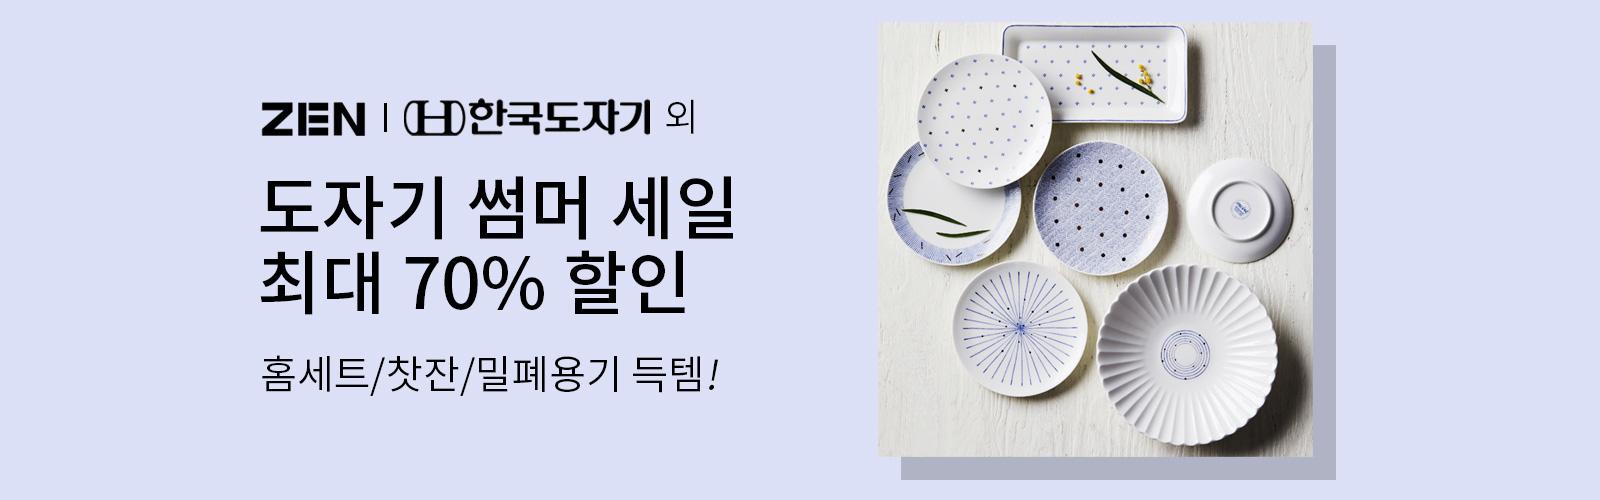 젠/한국도자기 외 도자기 썸머 세일 최대 70% 할인 홈세트/찻잔/밀폐용기 득템!